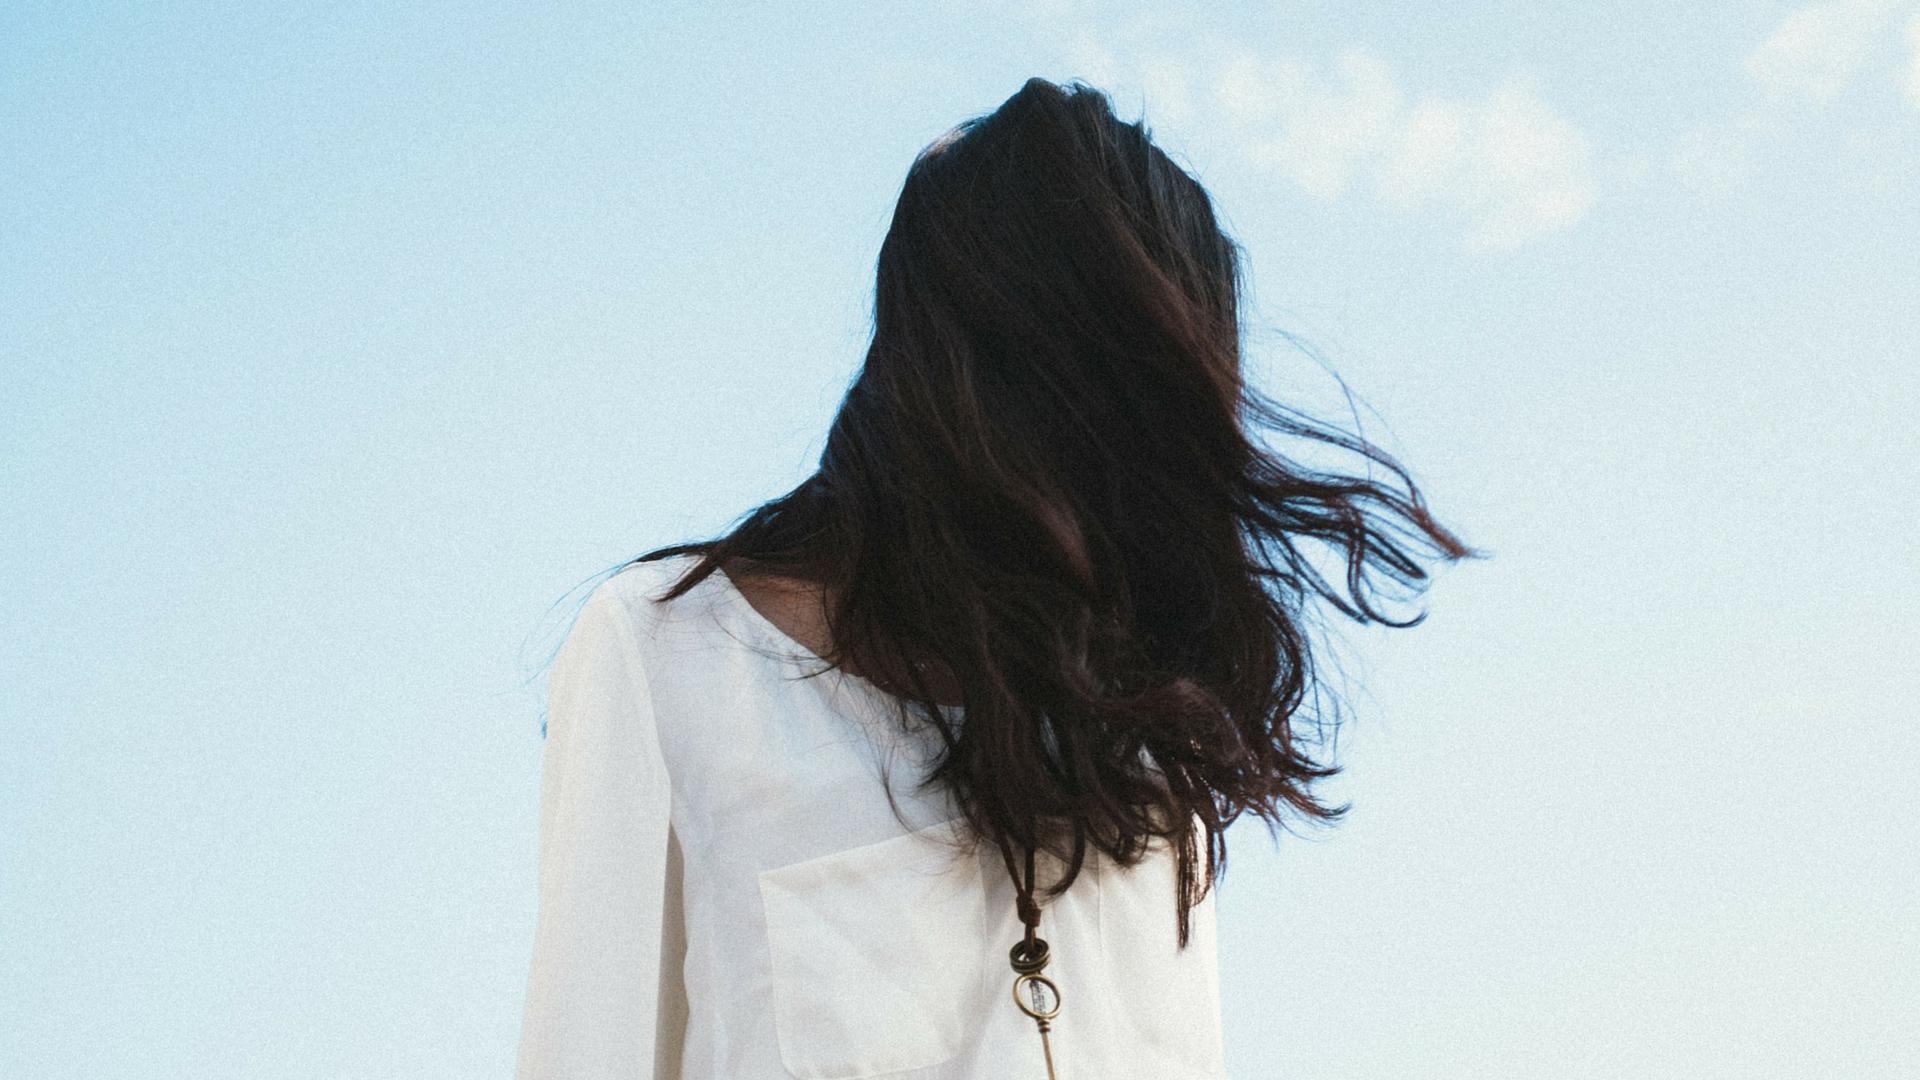 miten mindfulness auttaa yksiloa; hyvinvointi